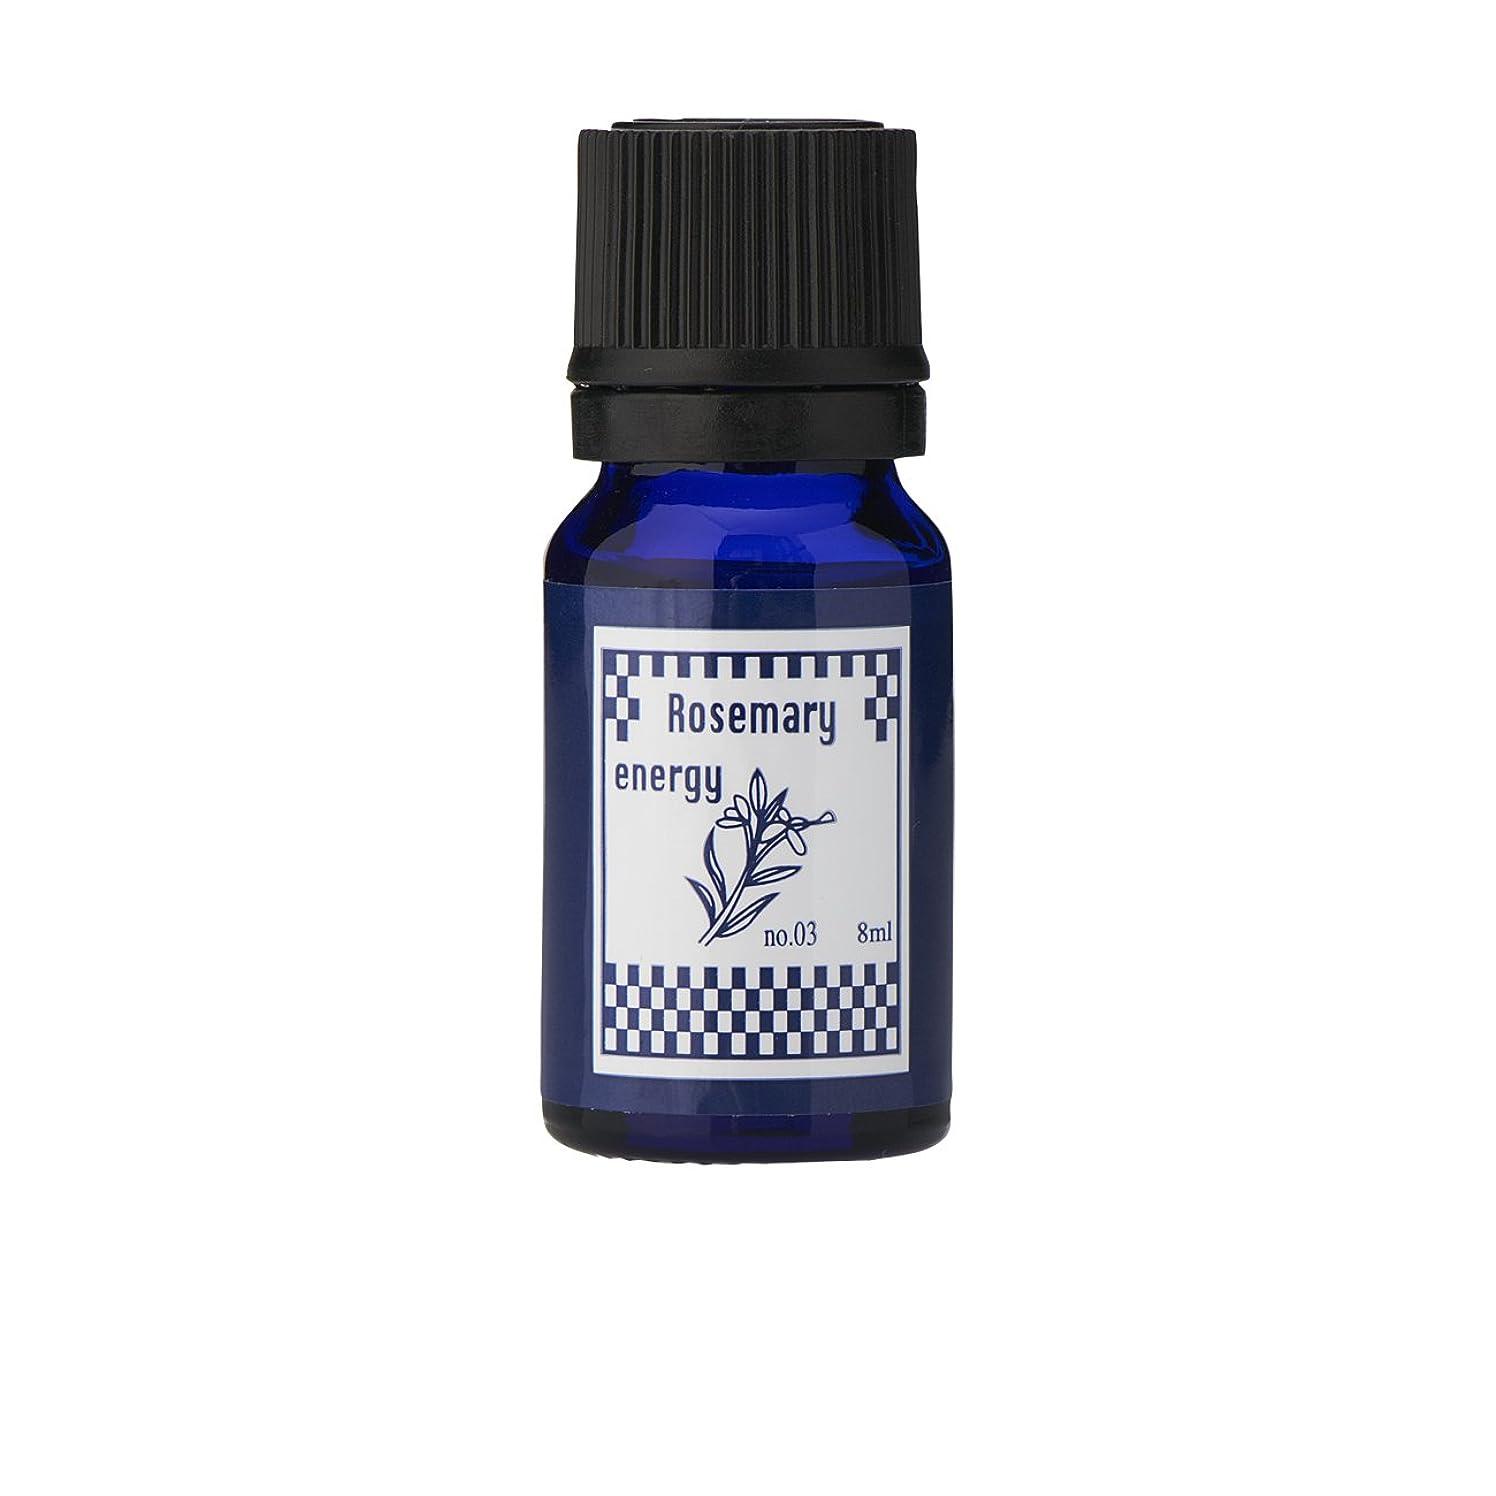 アストロラーベホームレス気体のブルーラベル アロマエッセンス8ml ローズマリー(アロマオイル 調合香料 芳香用)